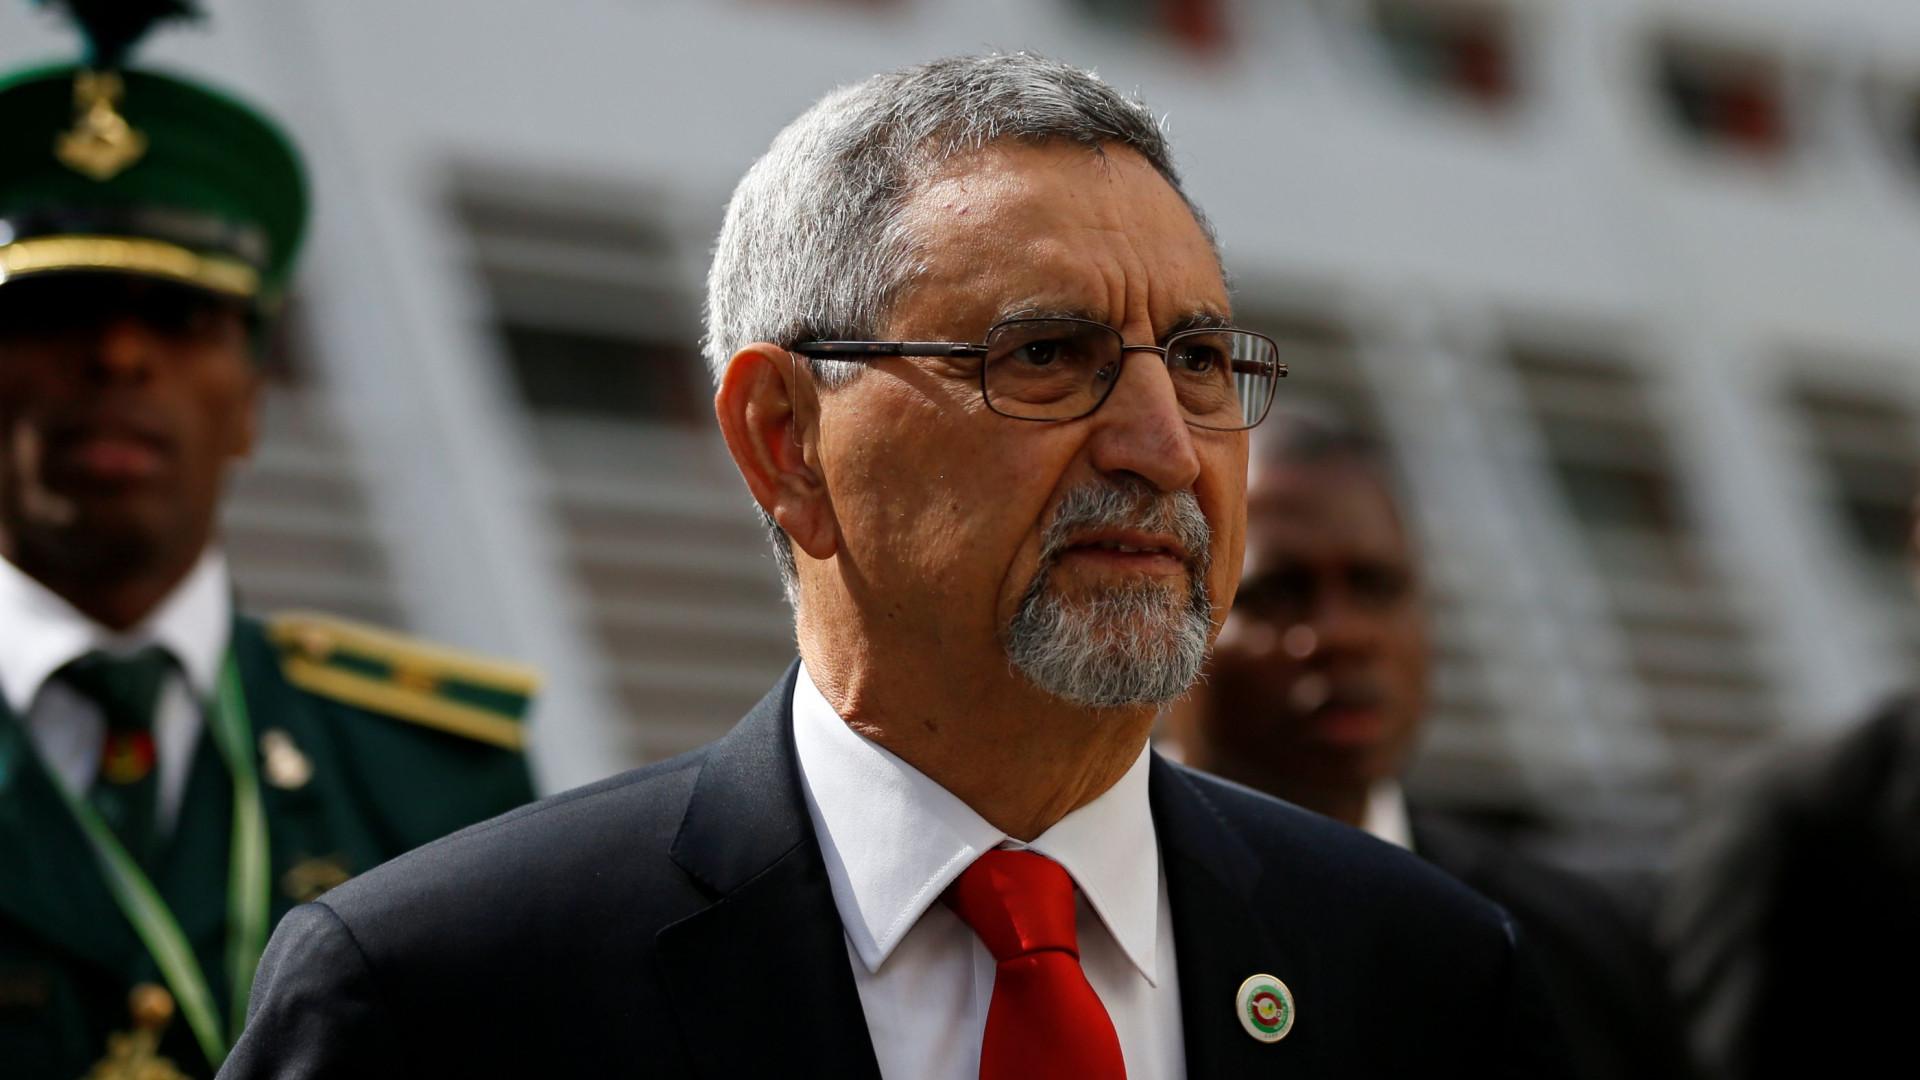 """Presidente de Cabo Verde diz que """"populismo quer levantar a cabeça"""""""